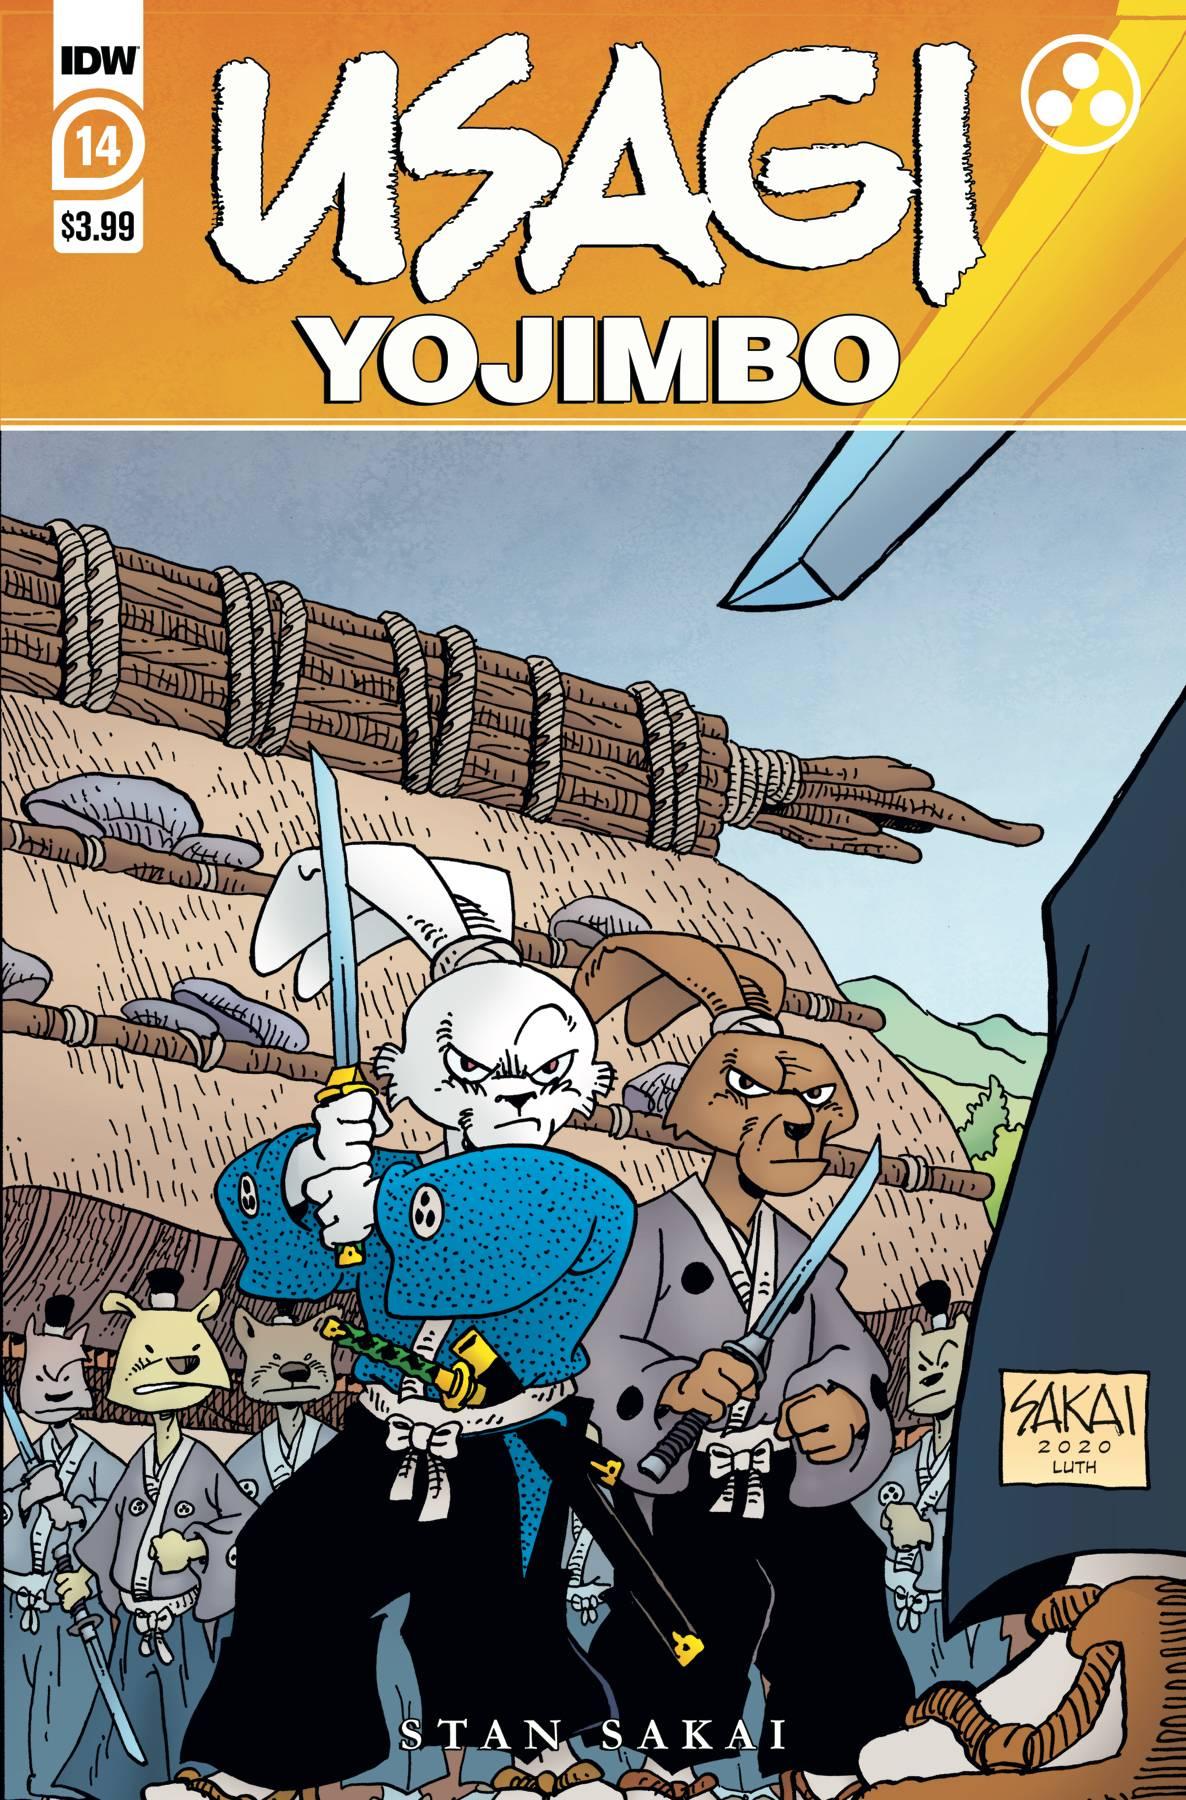 Usagi Yojimbo #14 (2020)